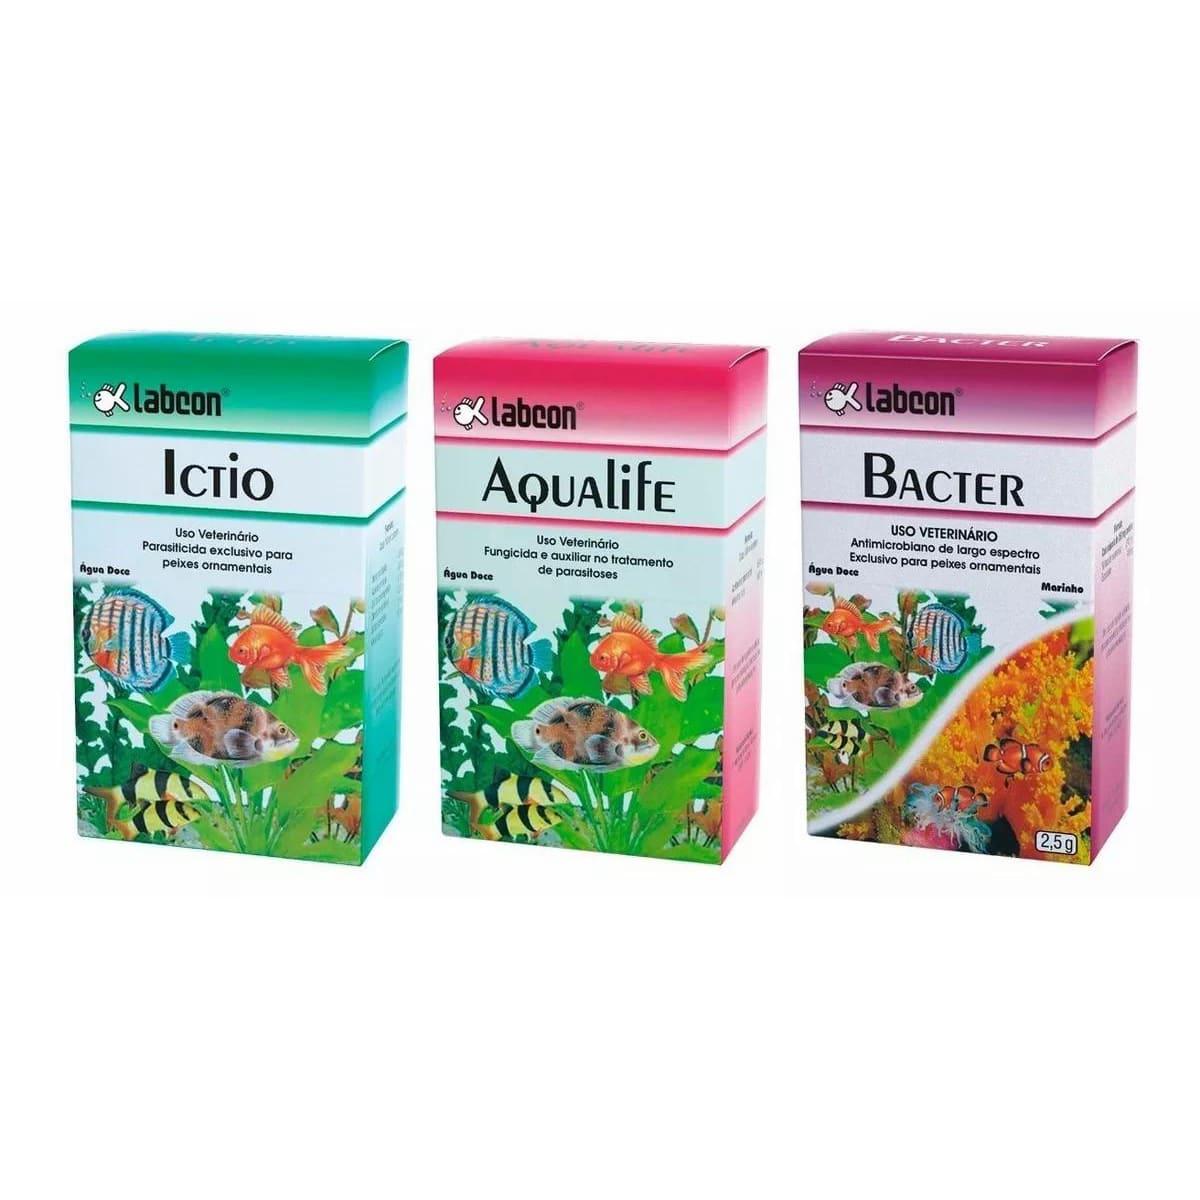 Kit Medicamento P/ Aquário Labcon  Ictio - Aqualife - Bacter